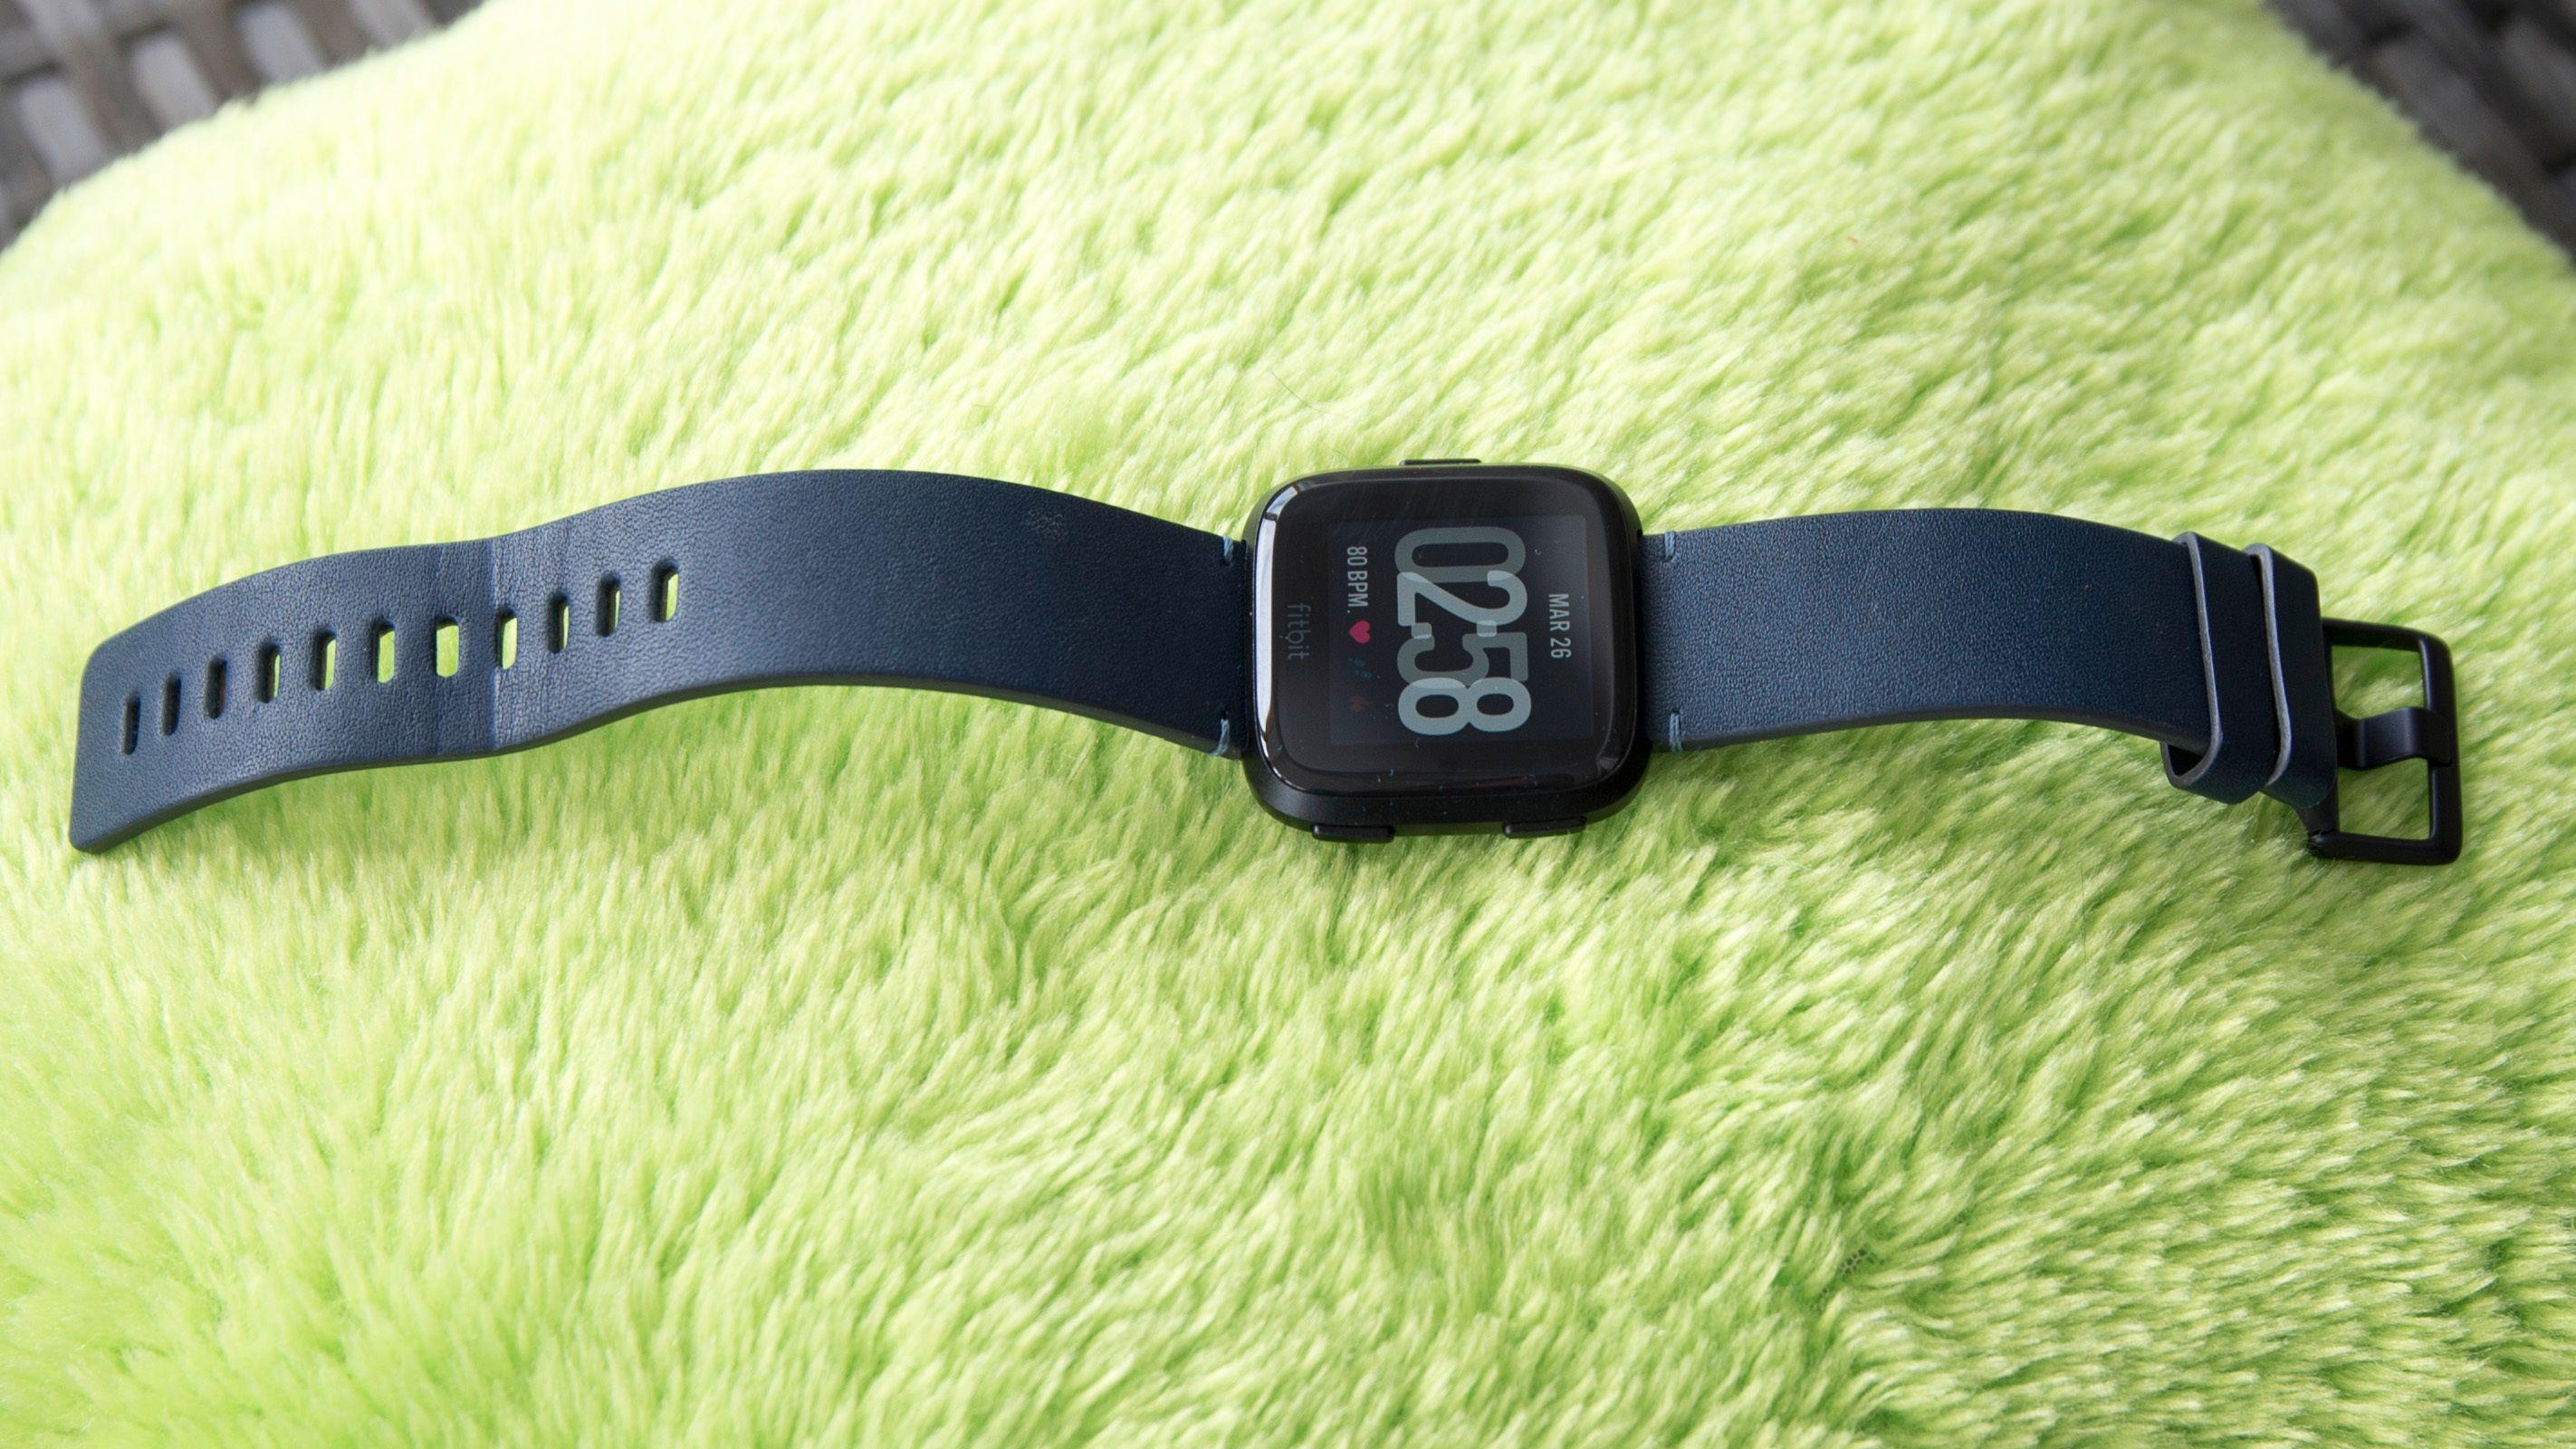 Fitbit Versa er kompakt og flott designet